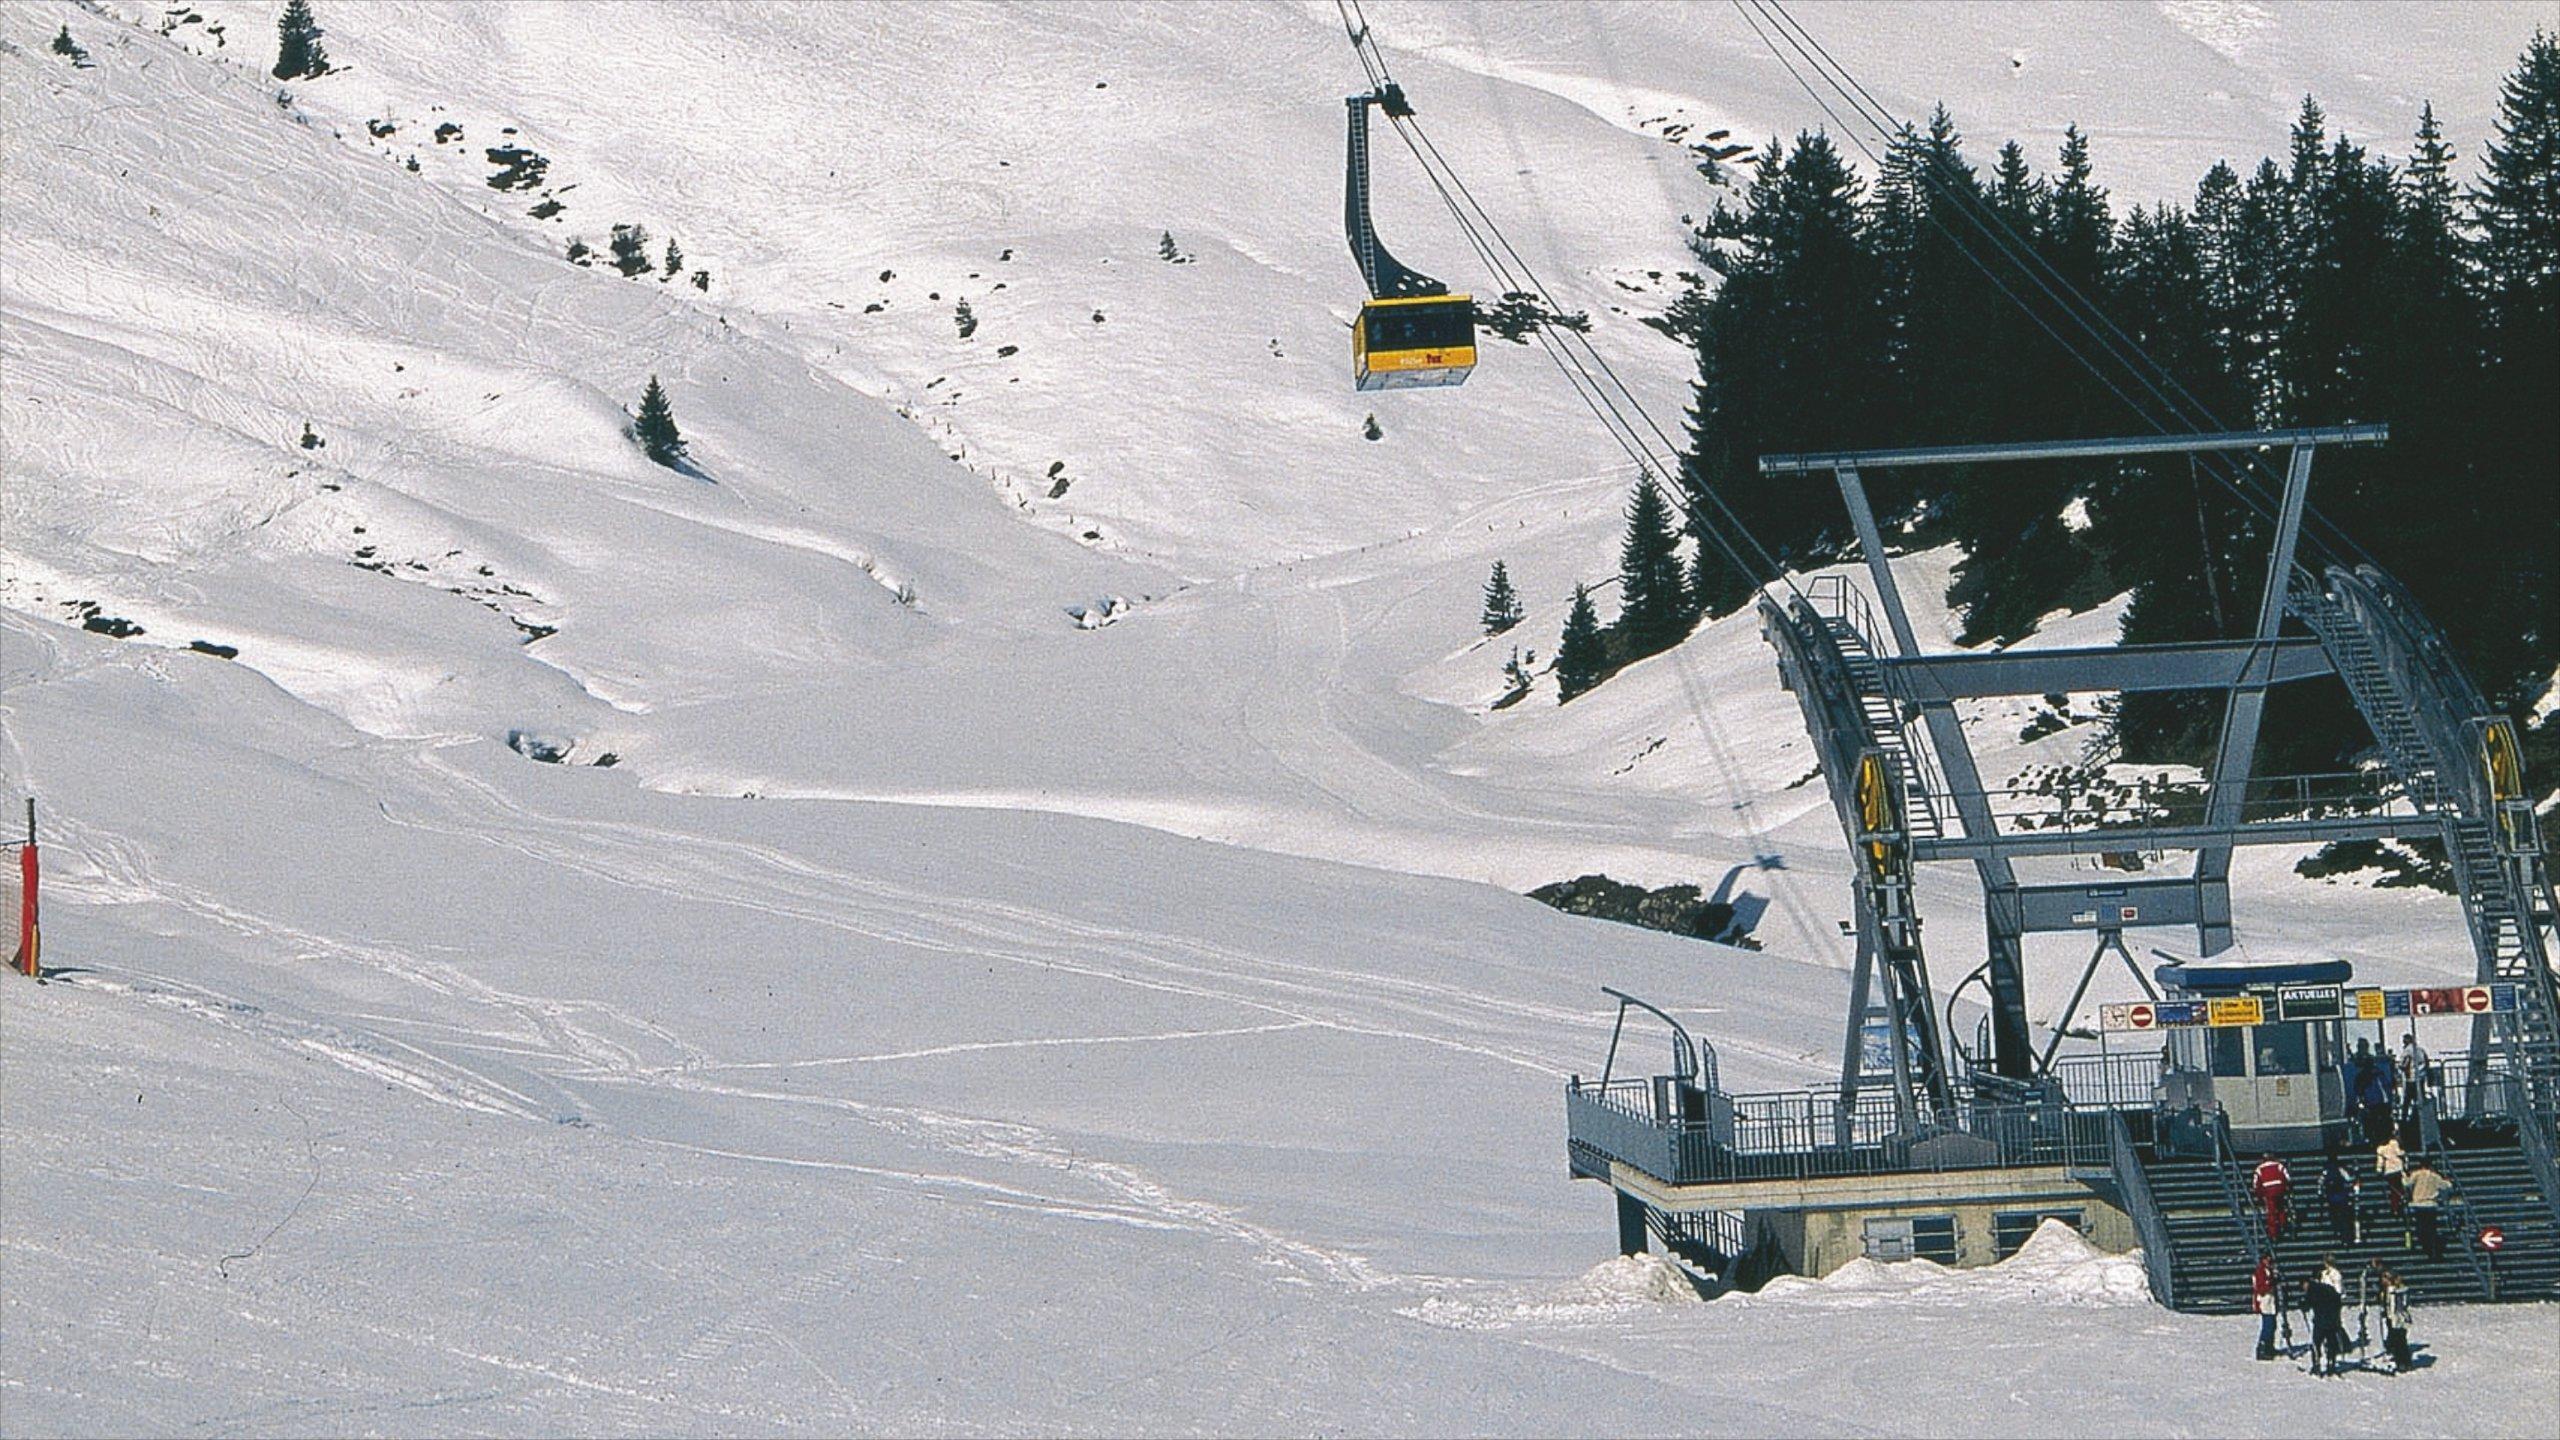 Zillertal Alps